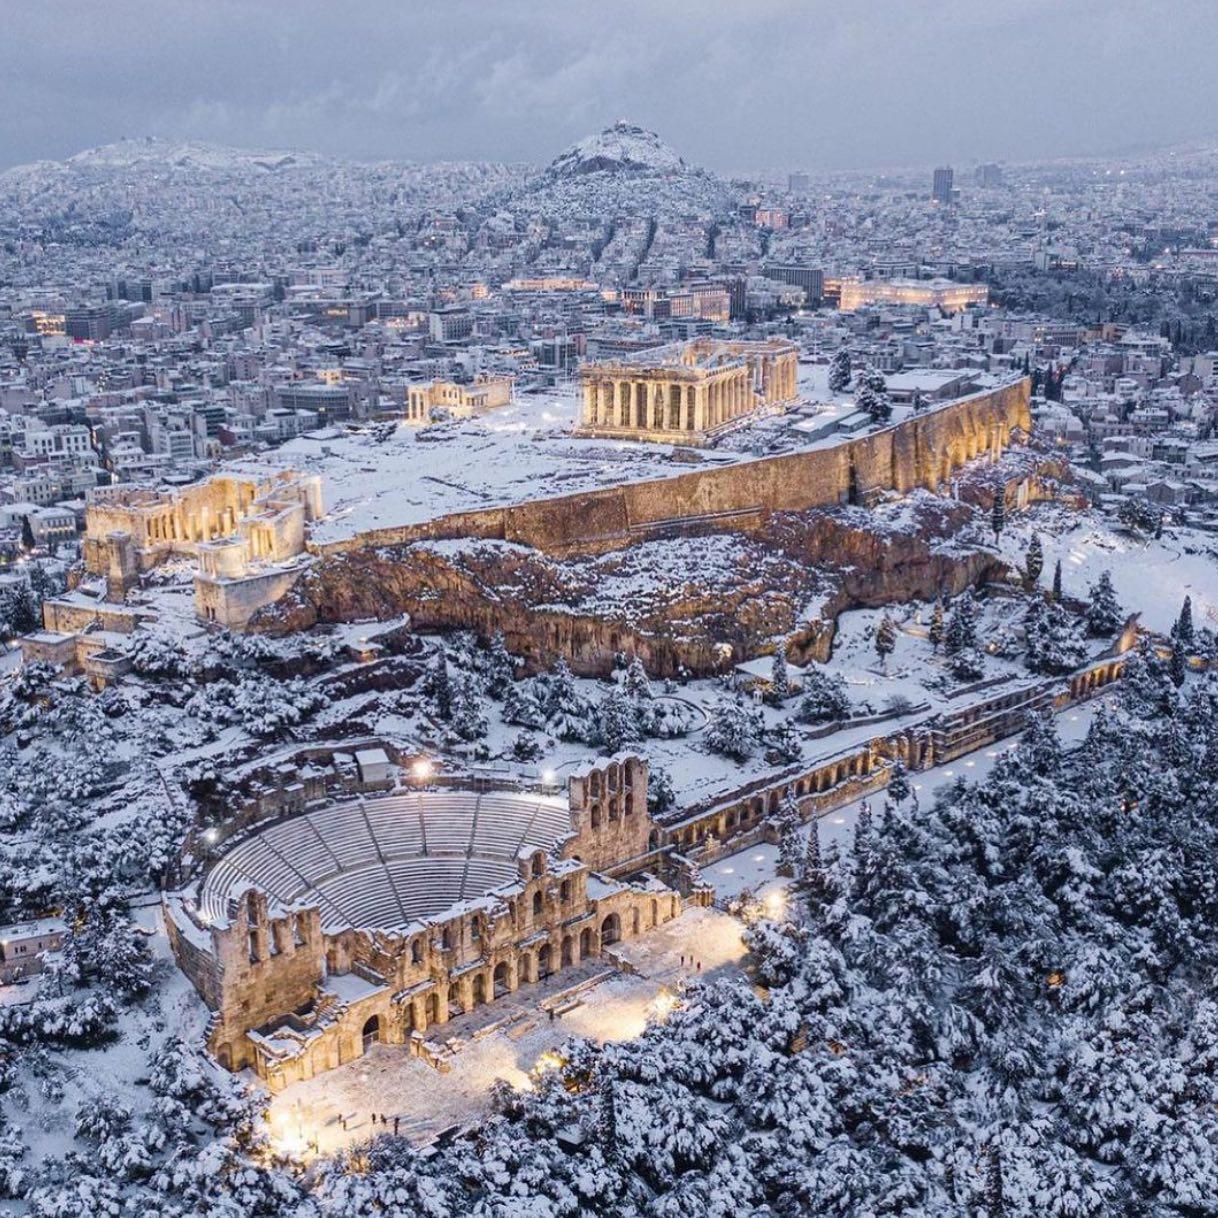 Thành cổ Acropolis và Đền Parthenon chìm trong tuyết trắng, trái với hình ảnh thường thấy tại một quốc gia nổi tiếng có tới 300 ngày nắng ấm.